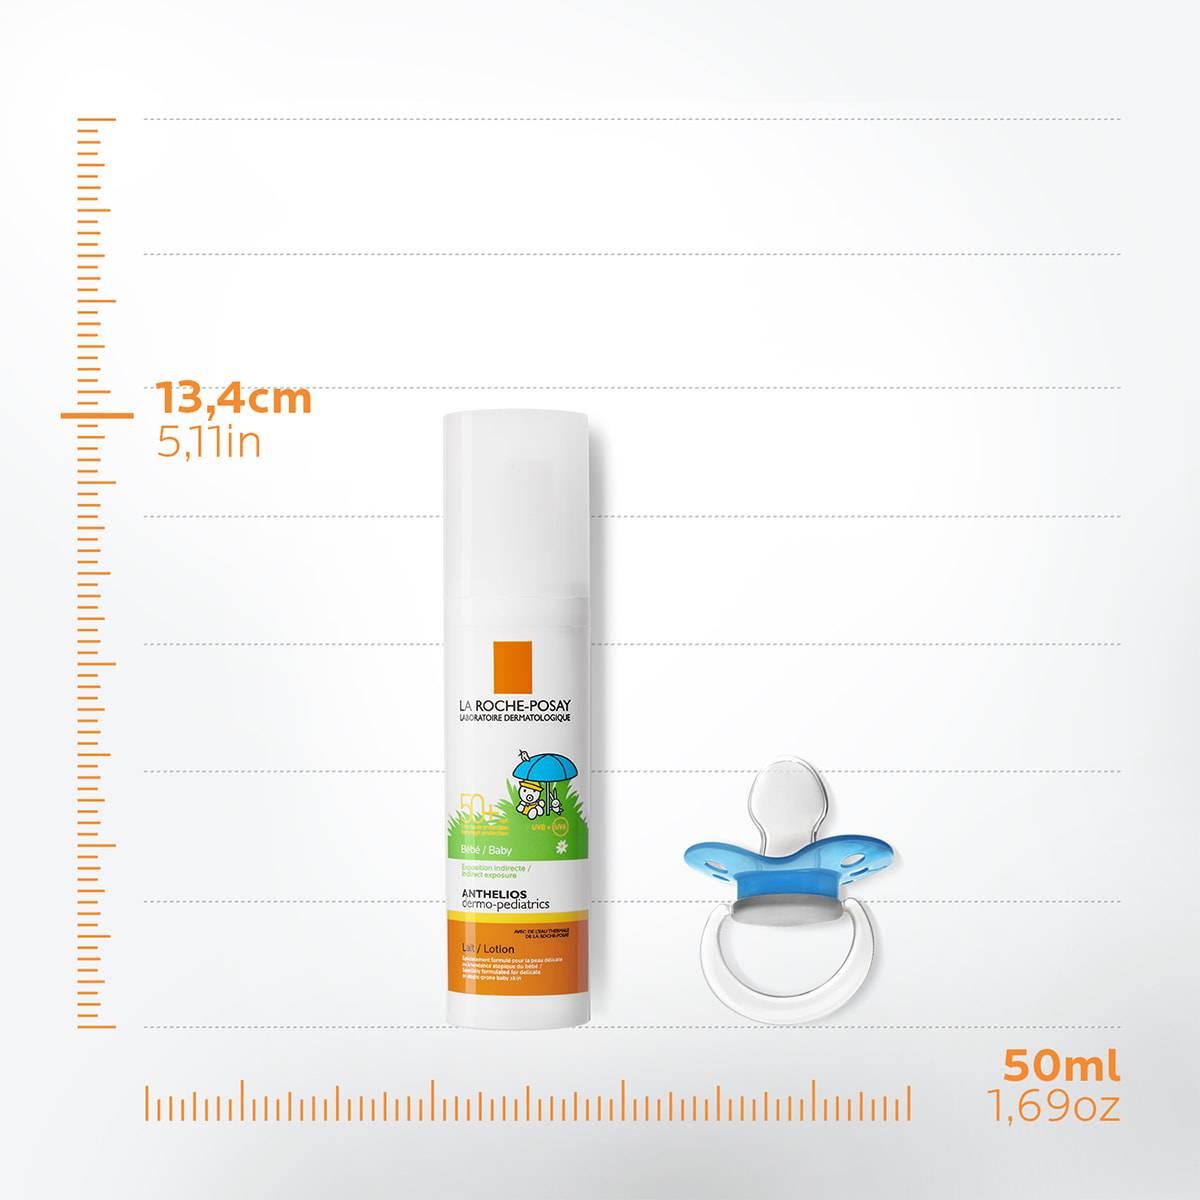 Słońce Anthelios Dermo Pediatrics Spf 50 50 ml | La Roche Posay 1